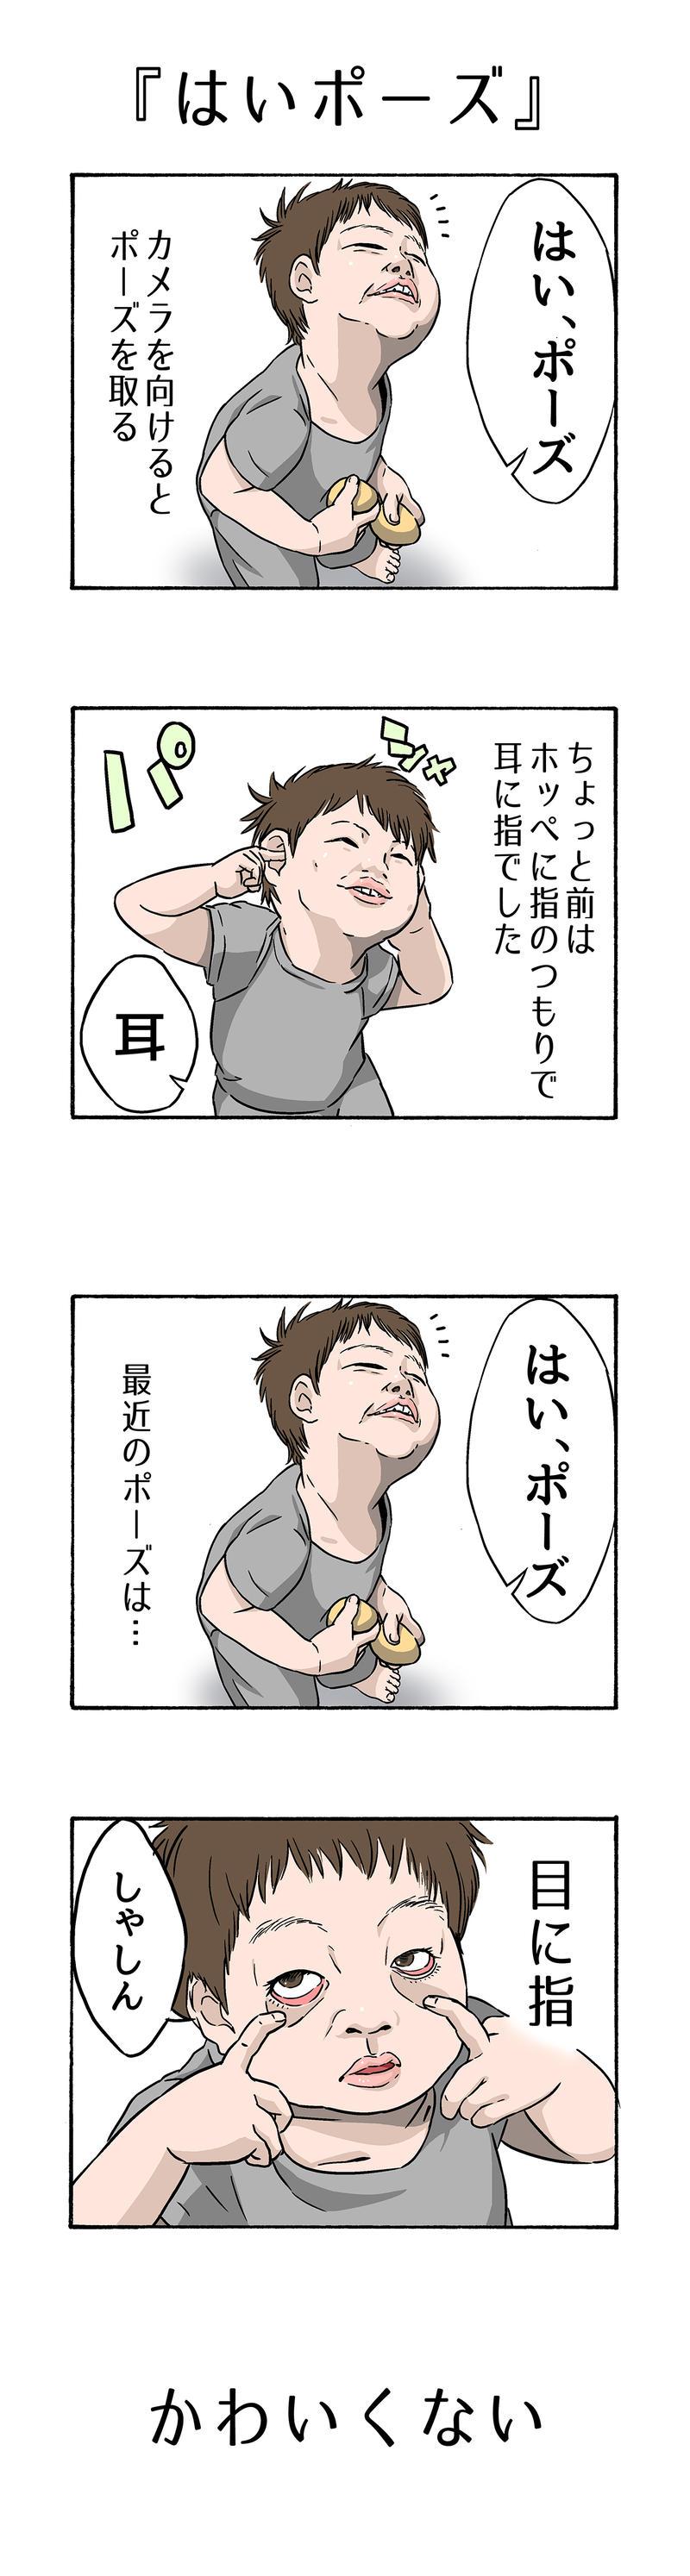 はいポーズ